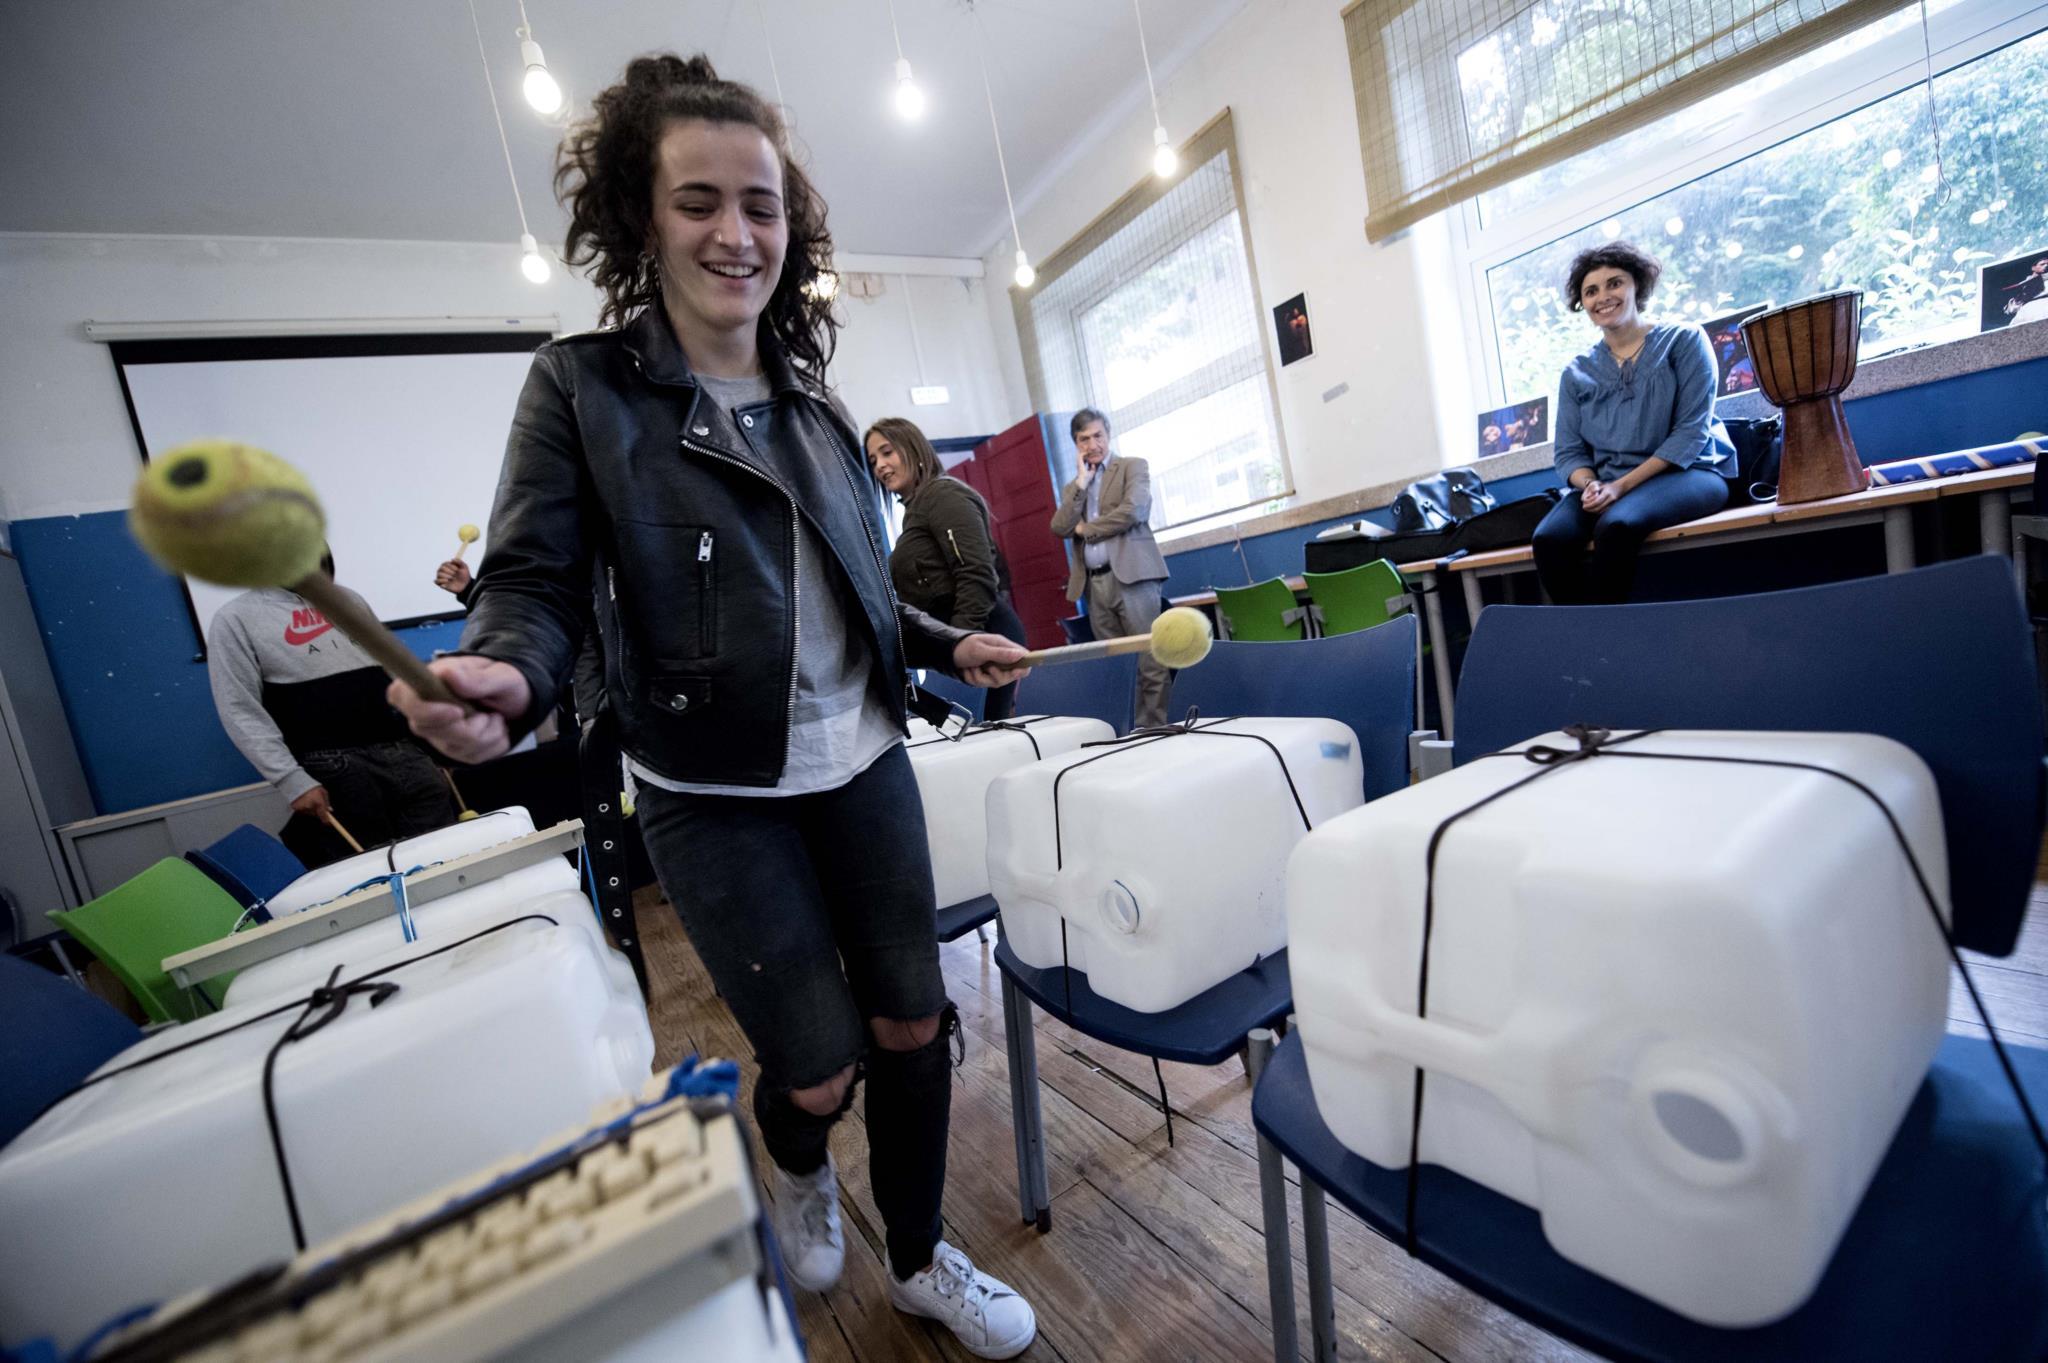 PÚBLICO - Escola chamou os alunos que tinham desistido e agora é exemplo na Europa